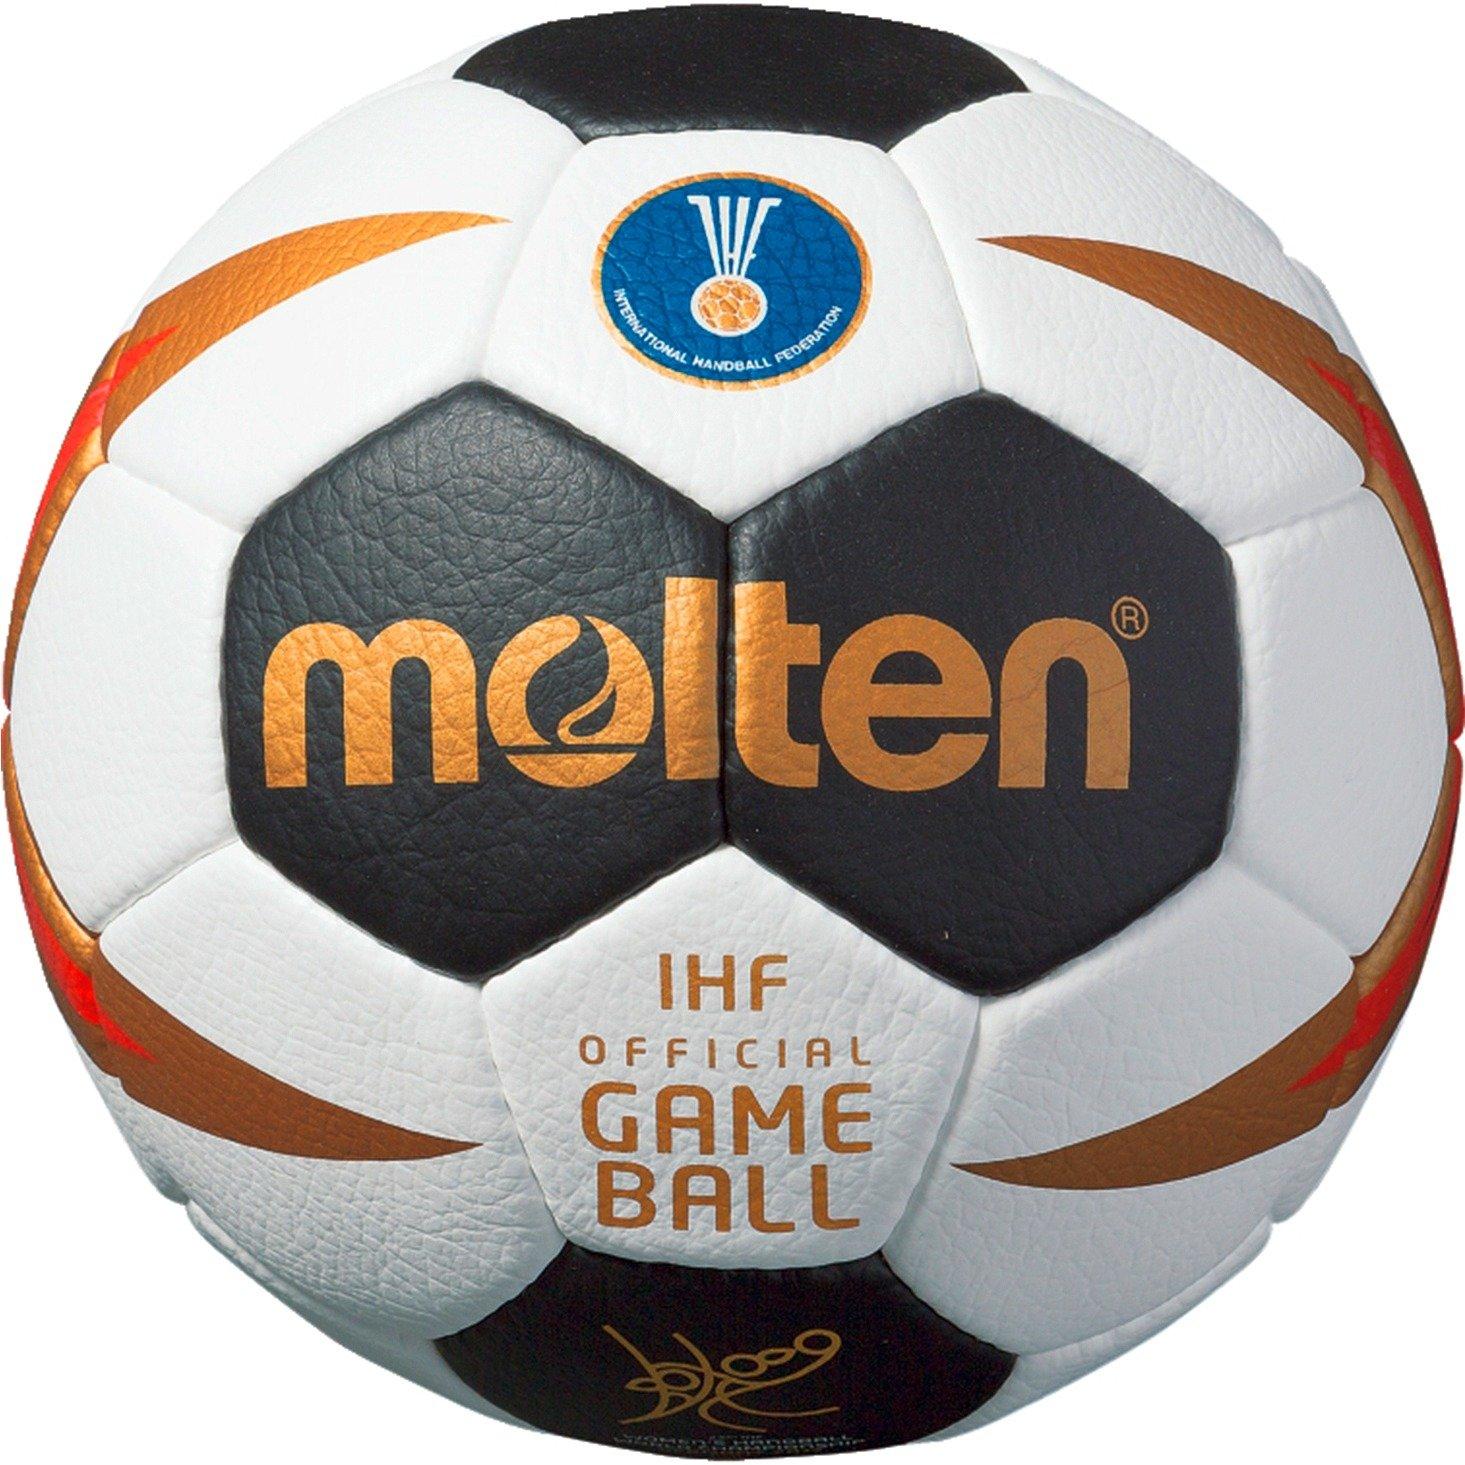 Molten® balonmano hx5001 de w7g